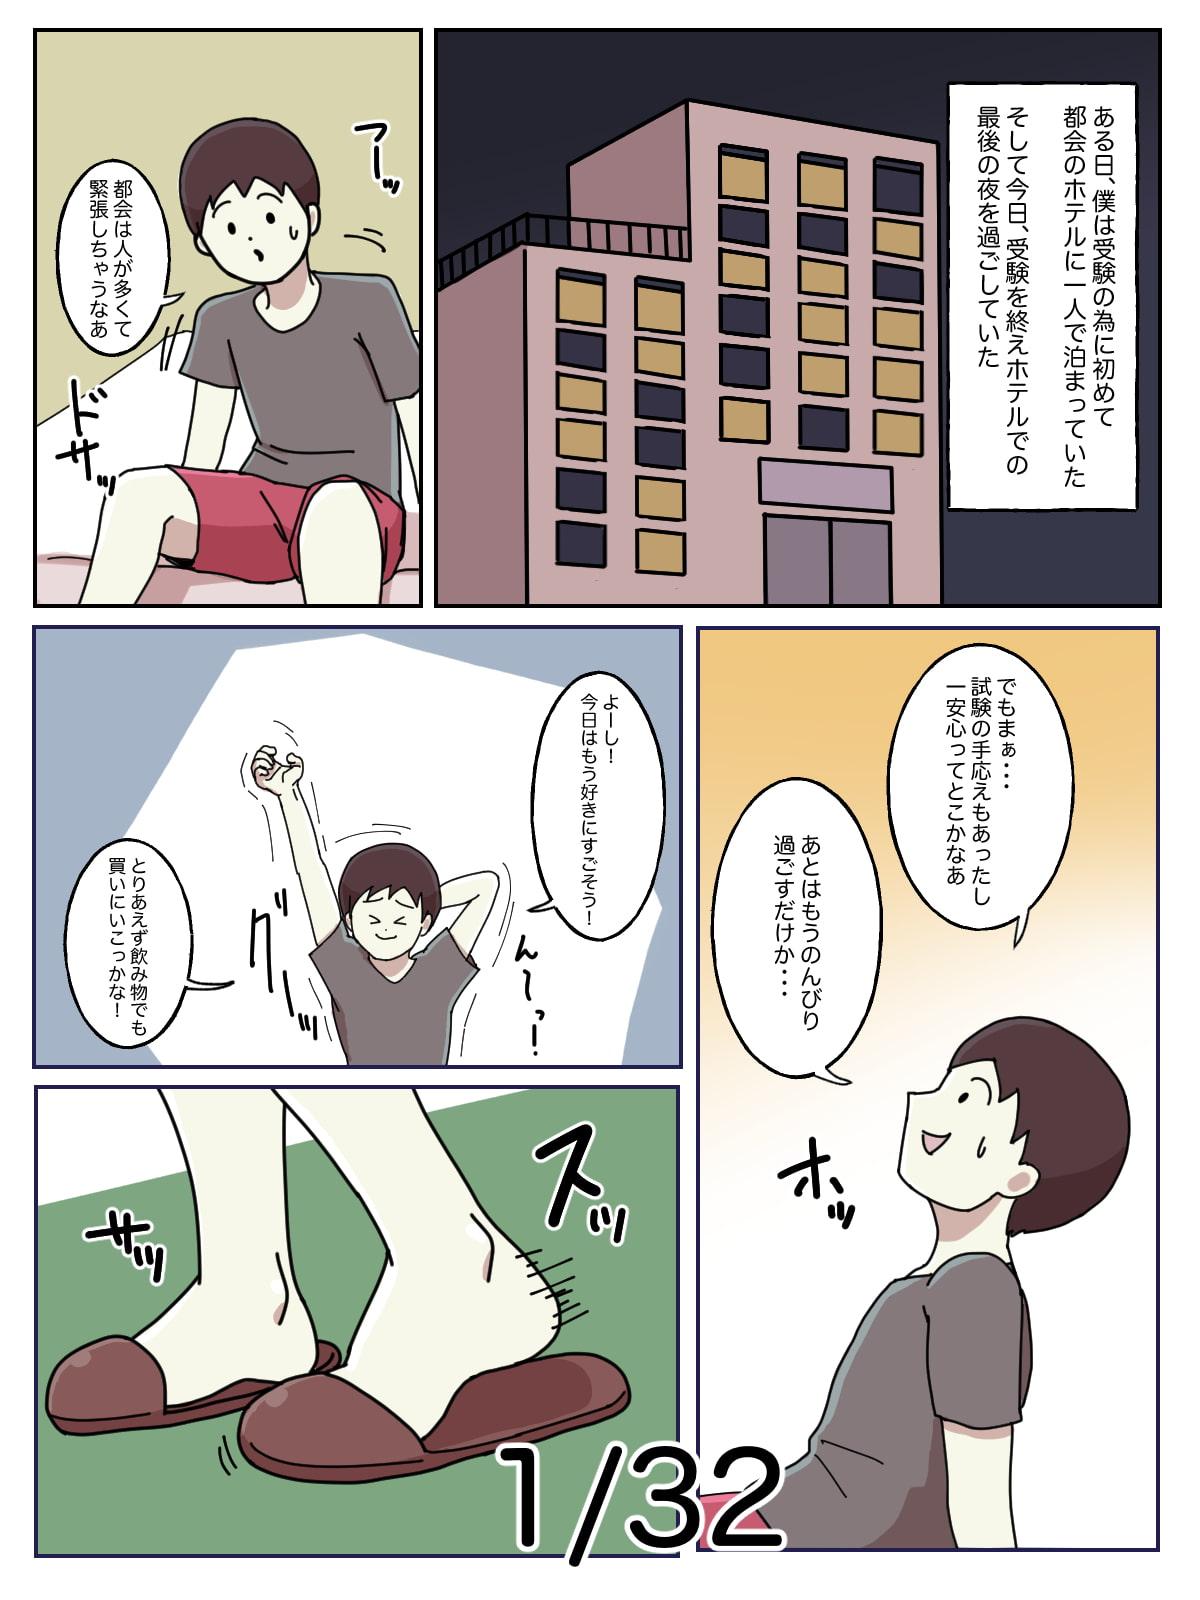 【フルカラー版】受験のために泊まったホテルでお姉さんに弱みを握られた話